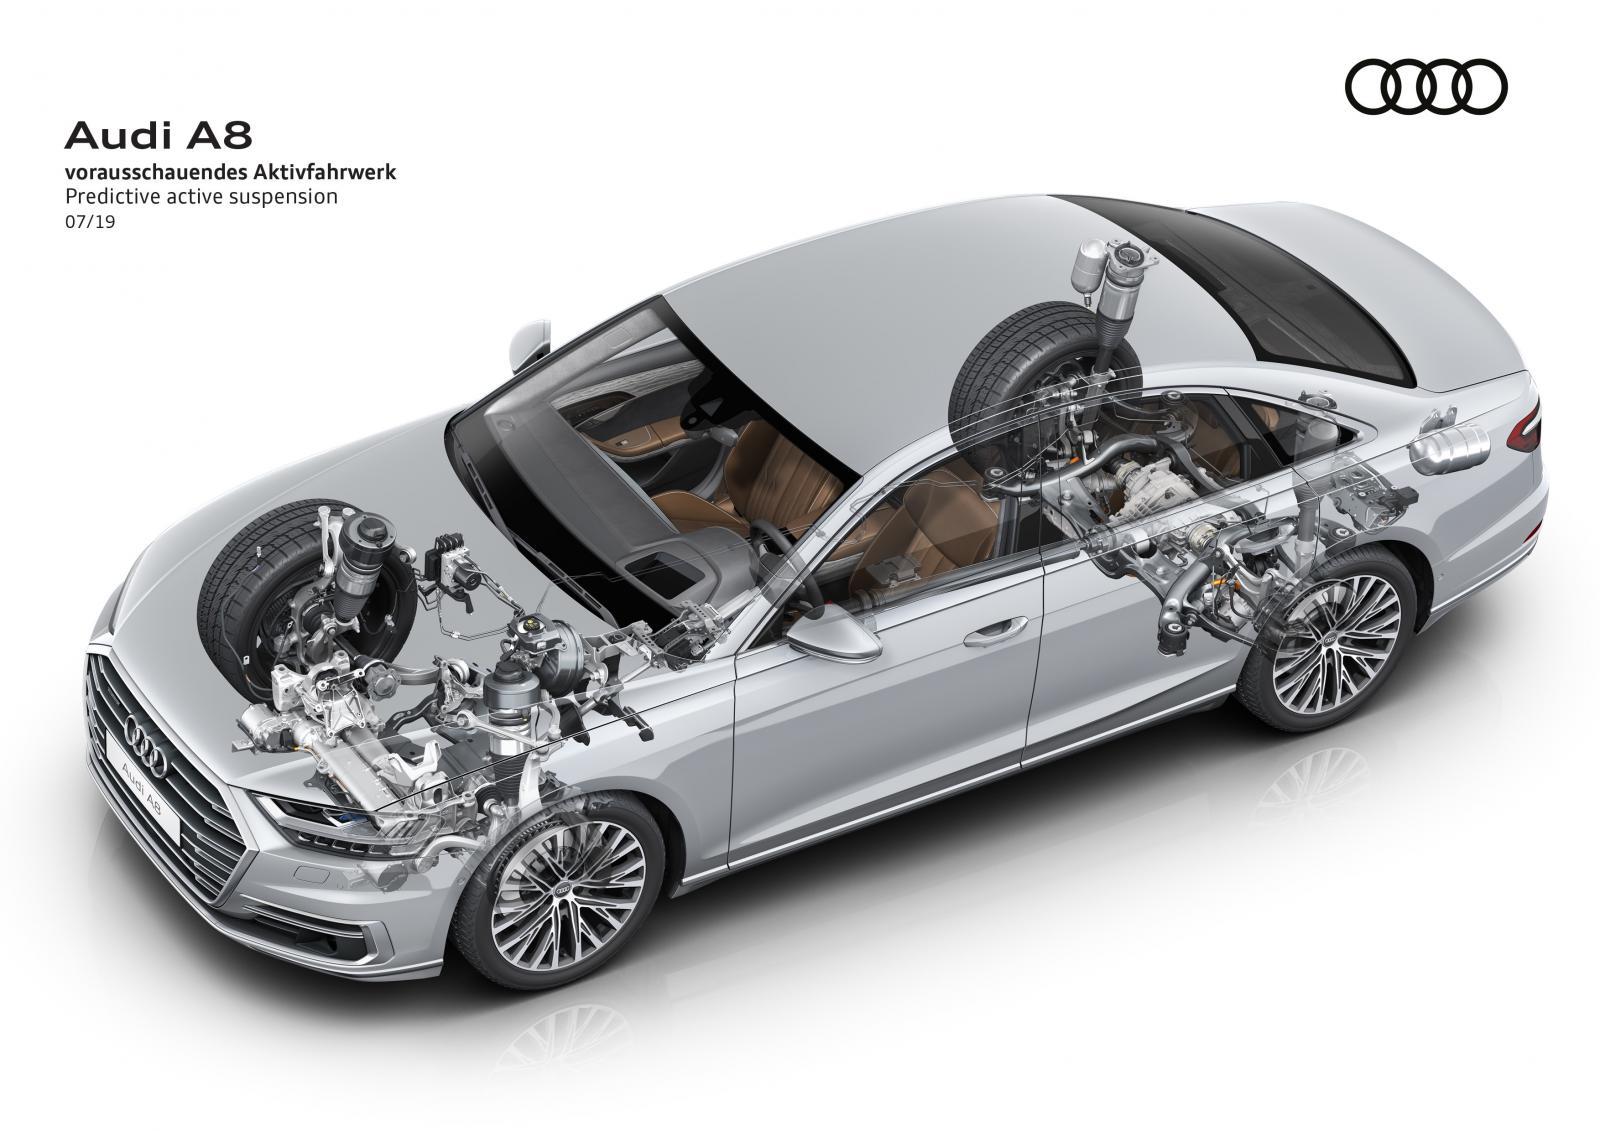 Suspensión predictiva Audi A8